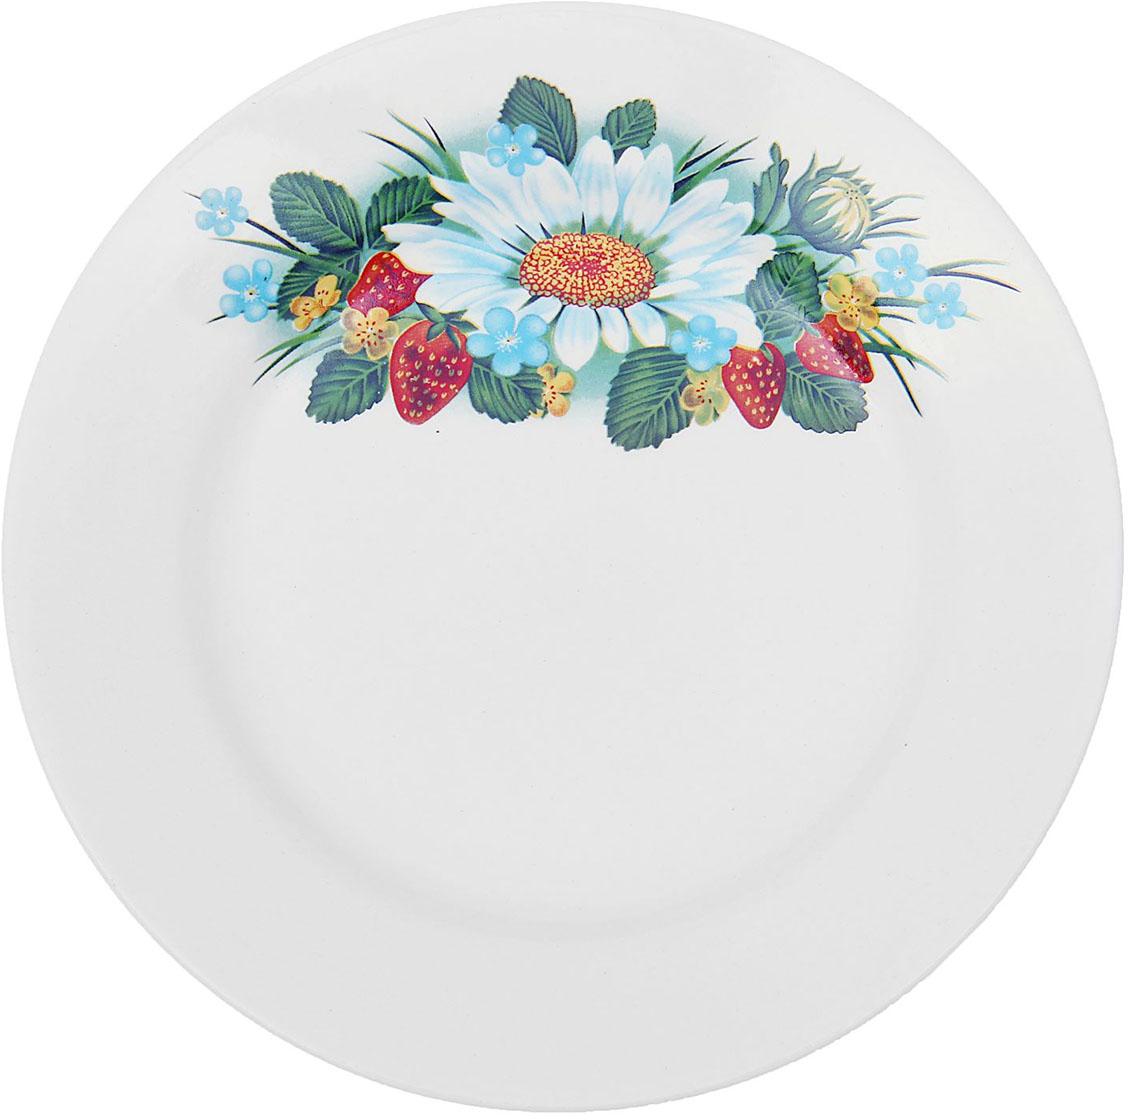 Тарелка мелкая Керамика ручной работы Лесная деколь, диаметр 17,5 см1821302Данная тарелка понравится любителям вкусной и полезной домашней пищи. Такая посуда практична и красива, в ней можно хранить и подавать разнообразные блюда. При многократном использовании изделие сохранит свой вид и выдержит мытье в посудомоечной машине.В керамической емкости горячая пища долго сохраняет свое тепло, остуженные блюда остаются прохладными.Изделие не выделяет вредных веществ при нагревании и длительном хранении за счет экологичности материала.